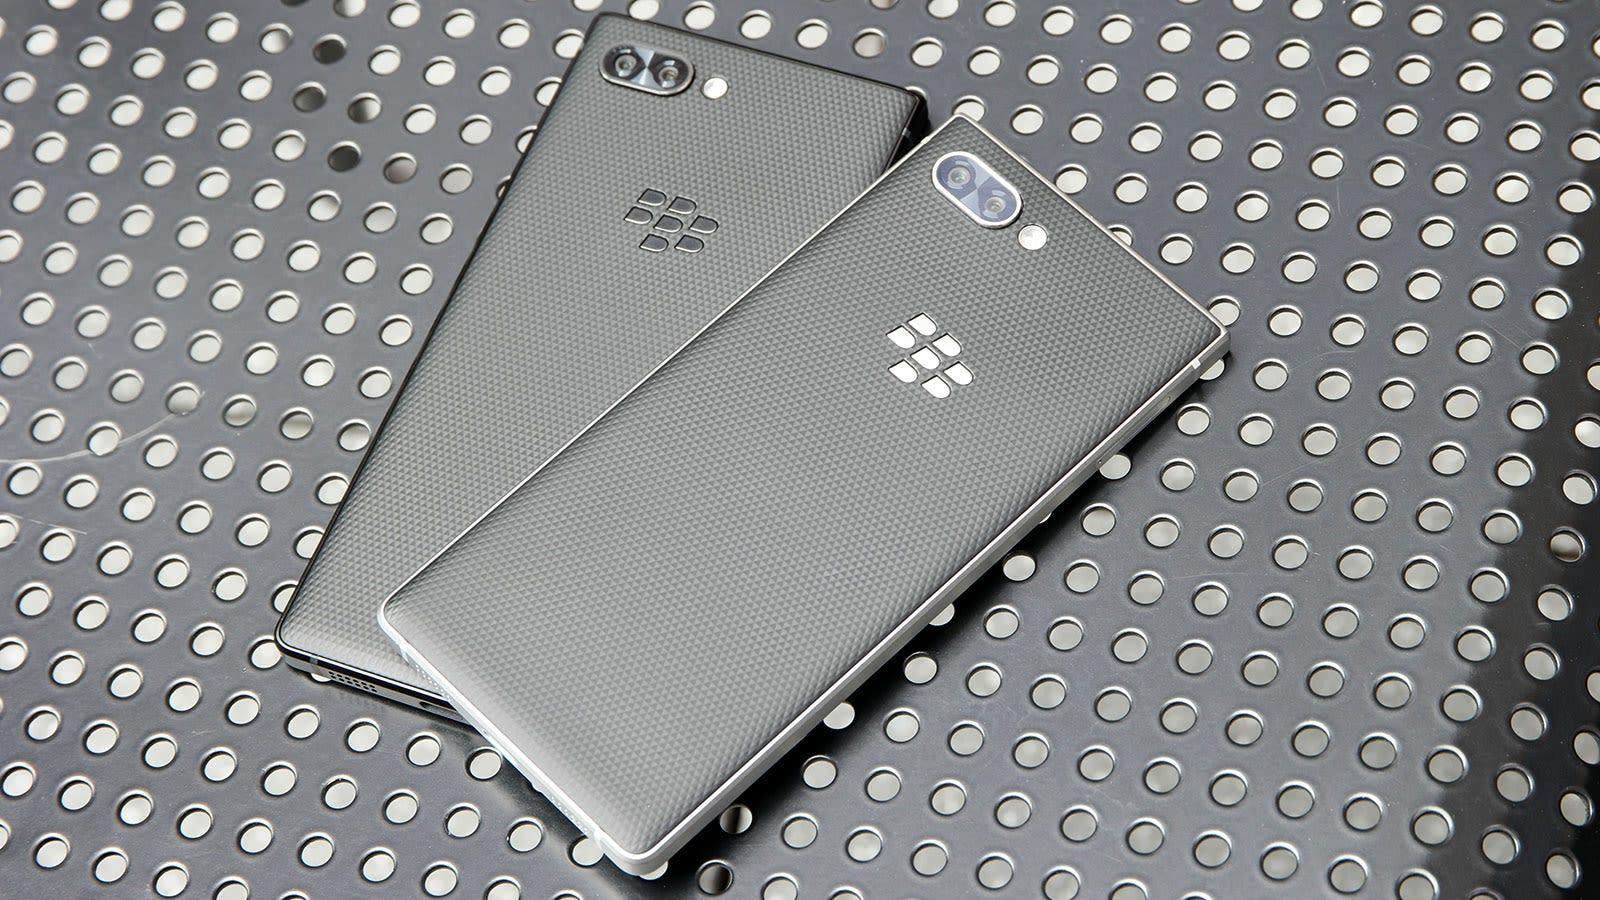 La Key2 estará disponible en dos versiones: una de color negro con laterales de aluminio negro, y una con laterales color plata.